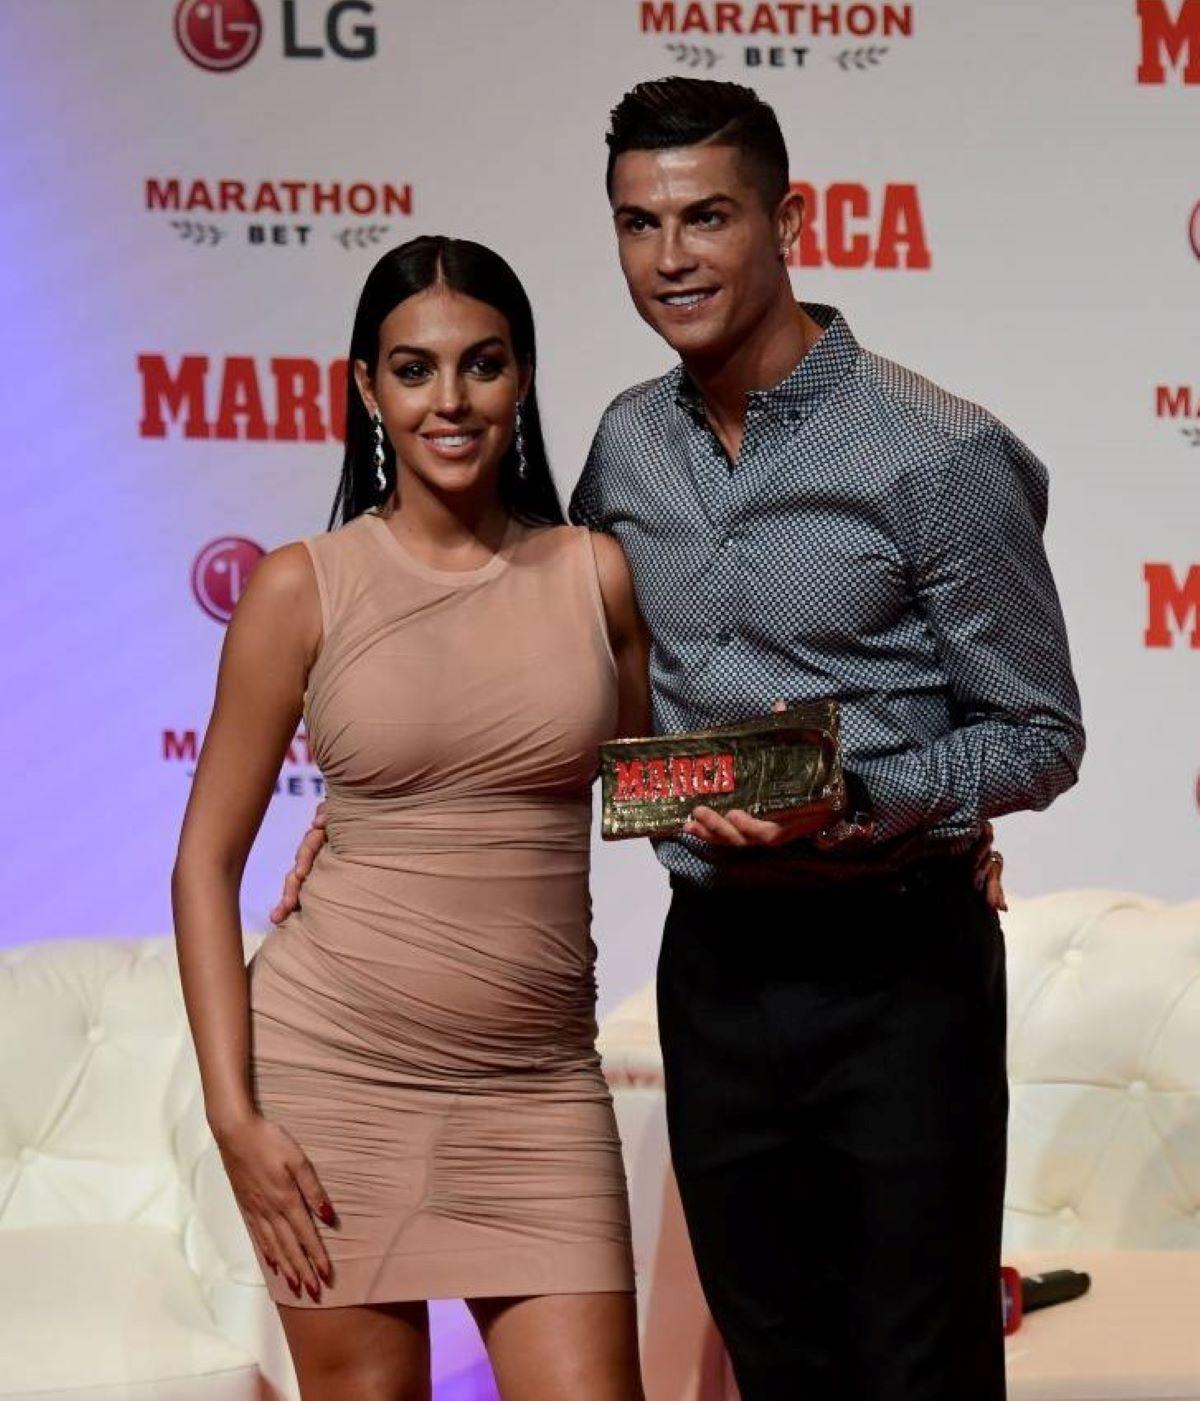 Cristiano Ronaldo Regalo Georgina Rodriguez Portagioielli 124 Mila Euro